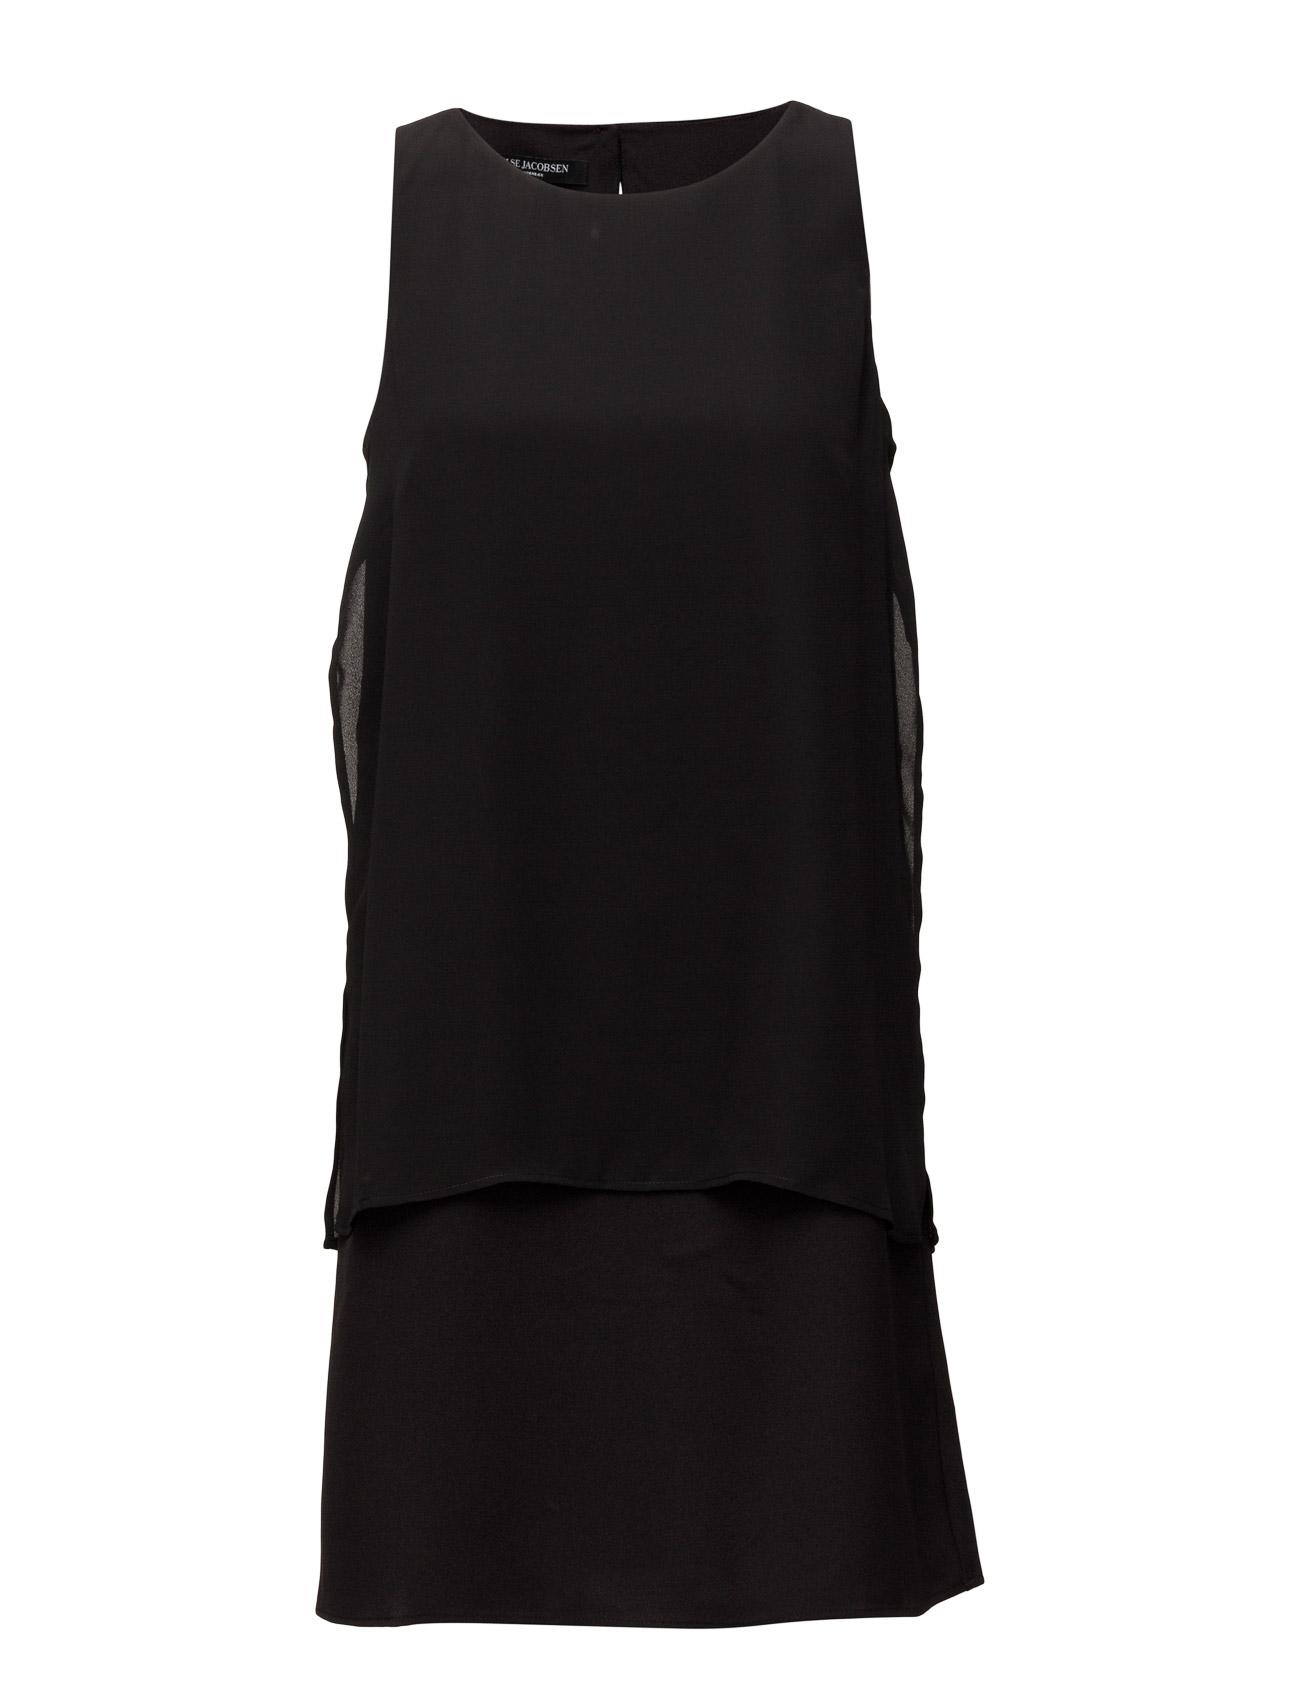 Womens Double Layer Dress Ilse Jacobsen Kjoler til Kvinder i Sort